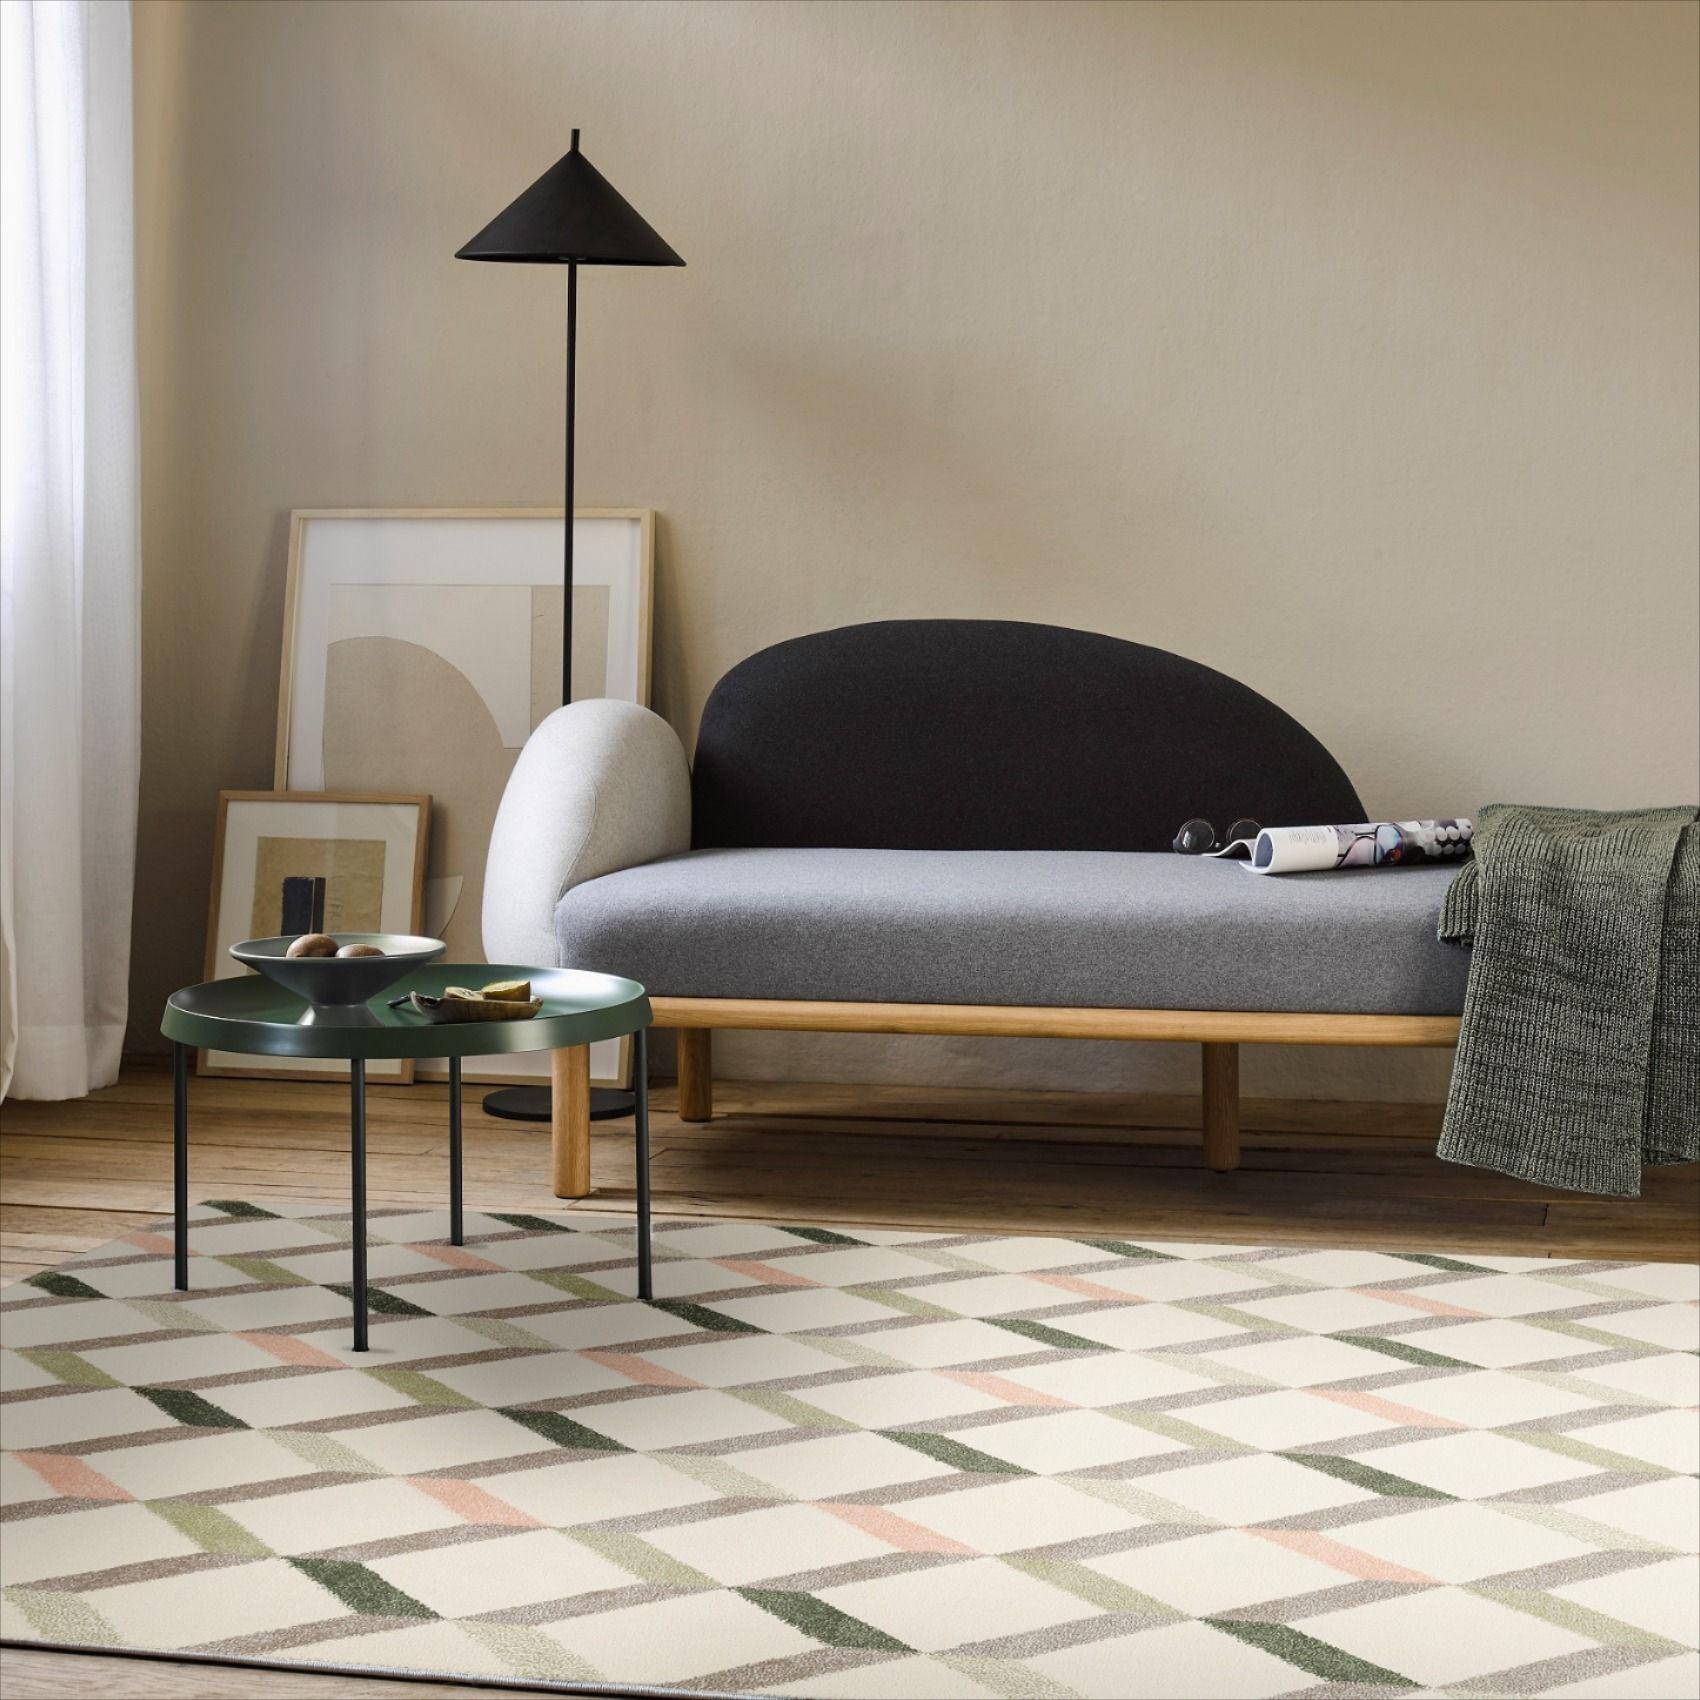 Esprit Teppich Creme Beige Salbeigrun Rosa Kurzflor Rica In 2020 Design Kurzflor Teppiche Und Moderne Teppiche